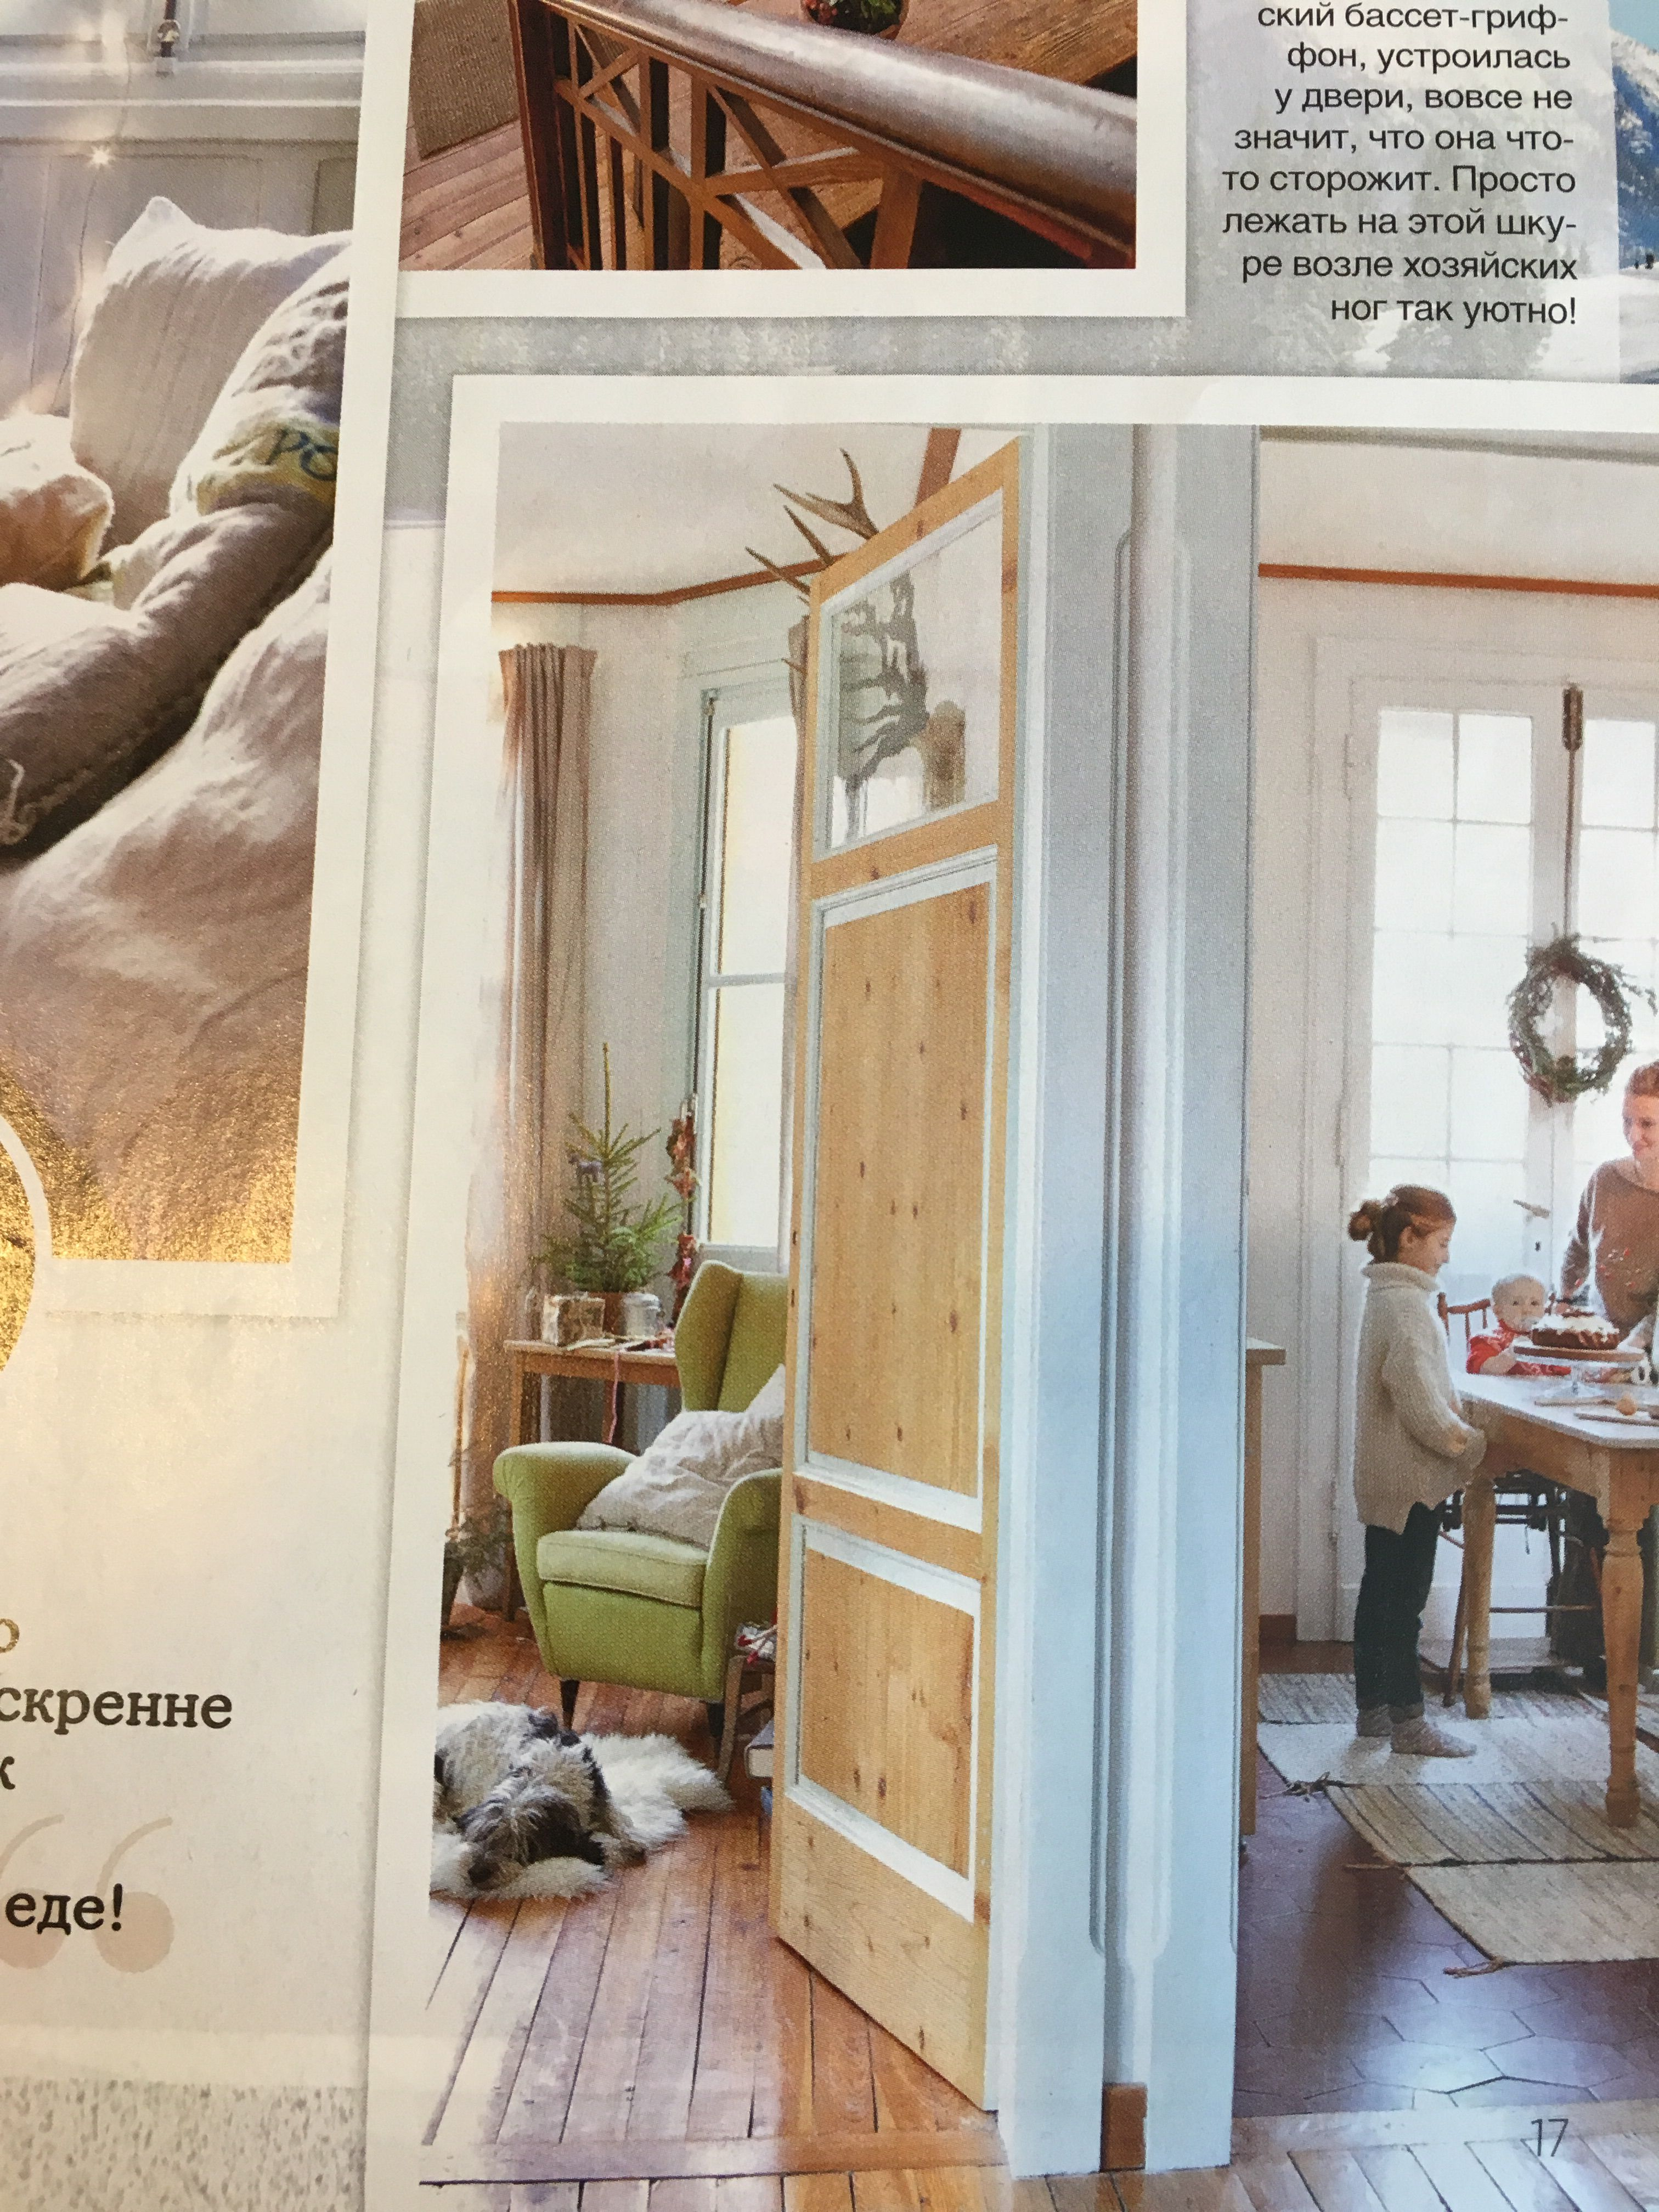 Деревянная дверь, белая краска, деревянный …